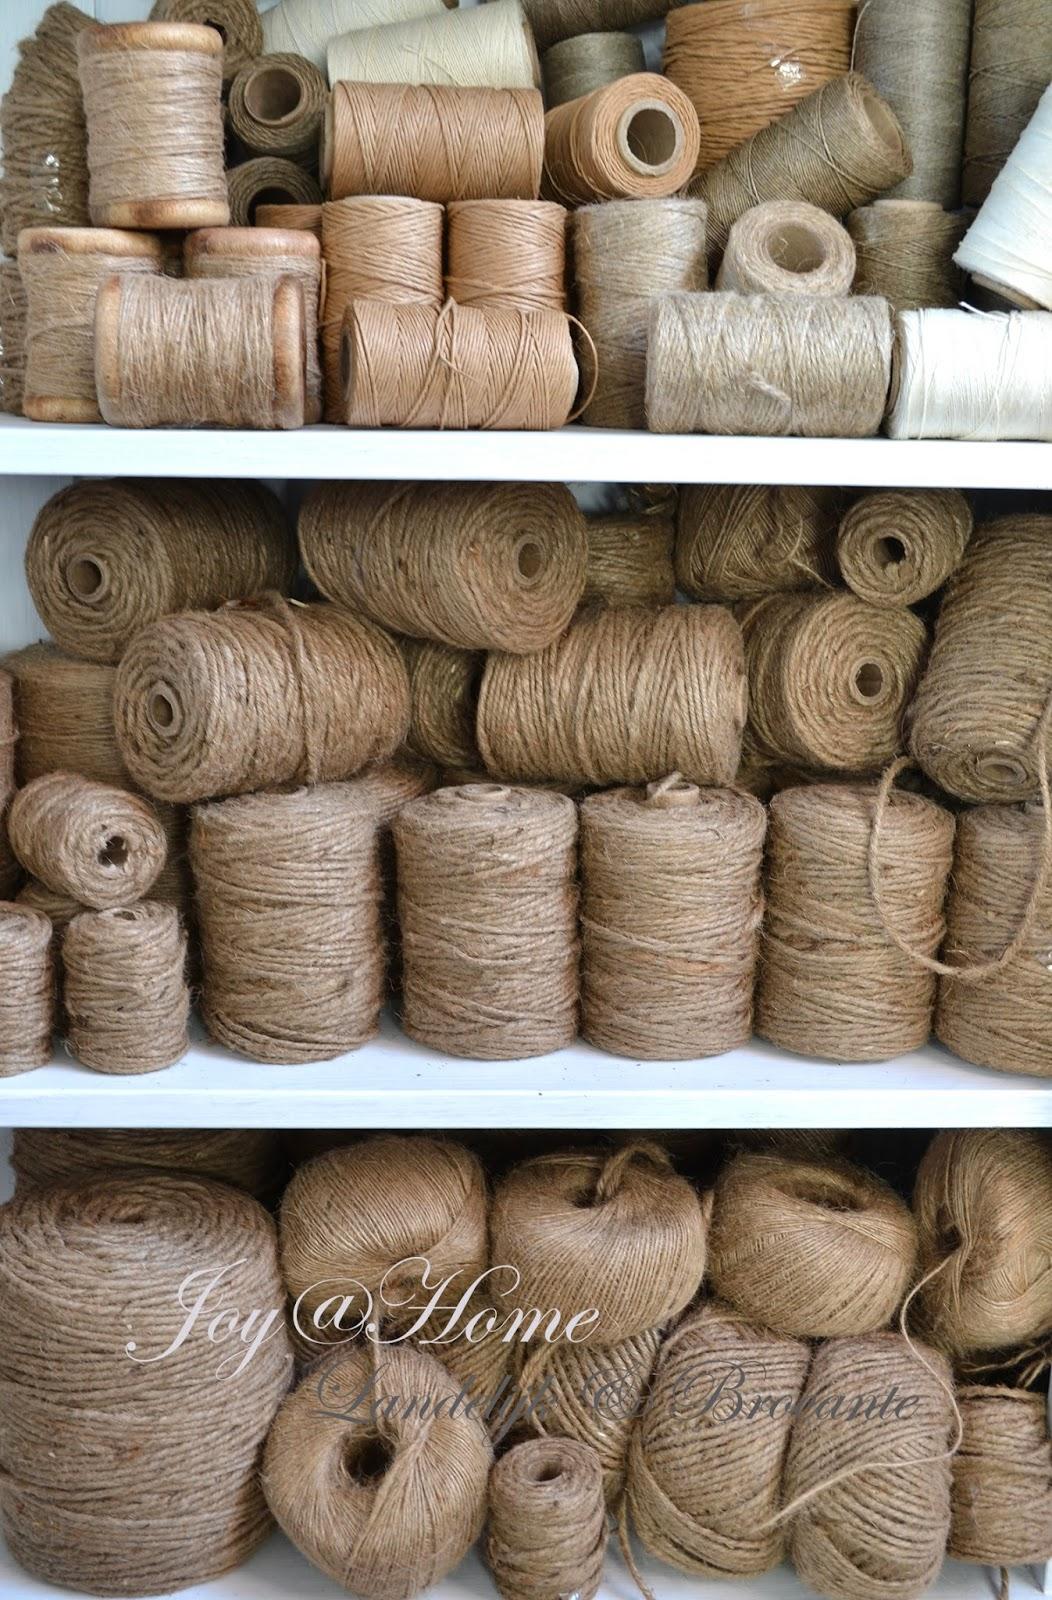 Joy home woonaccessoires blog for Woonaccessoires winkel